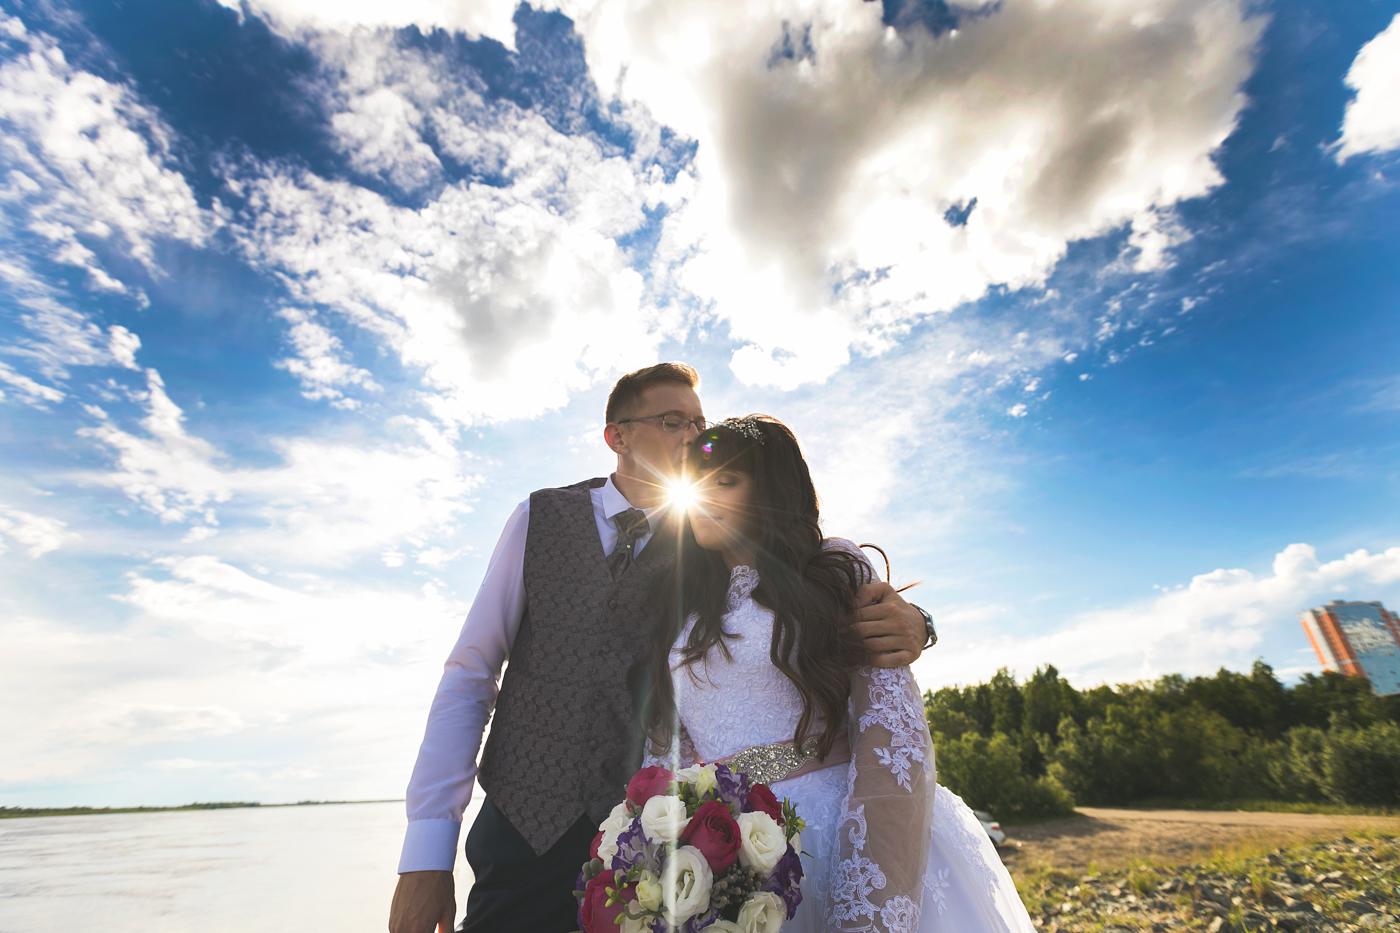 тому свадебные фотографы сургута одноклассниками пришли территорию